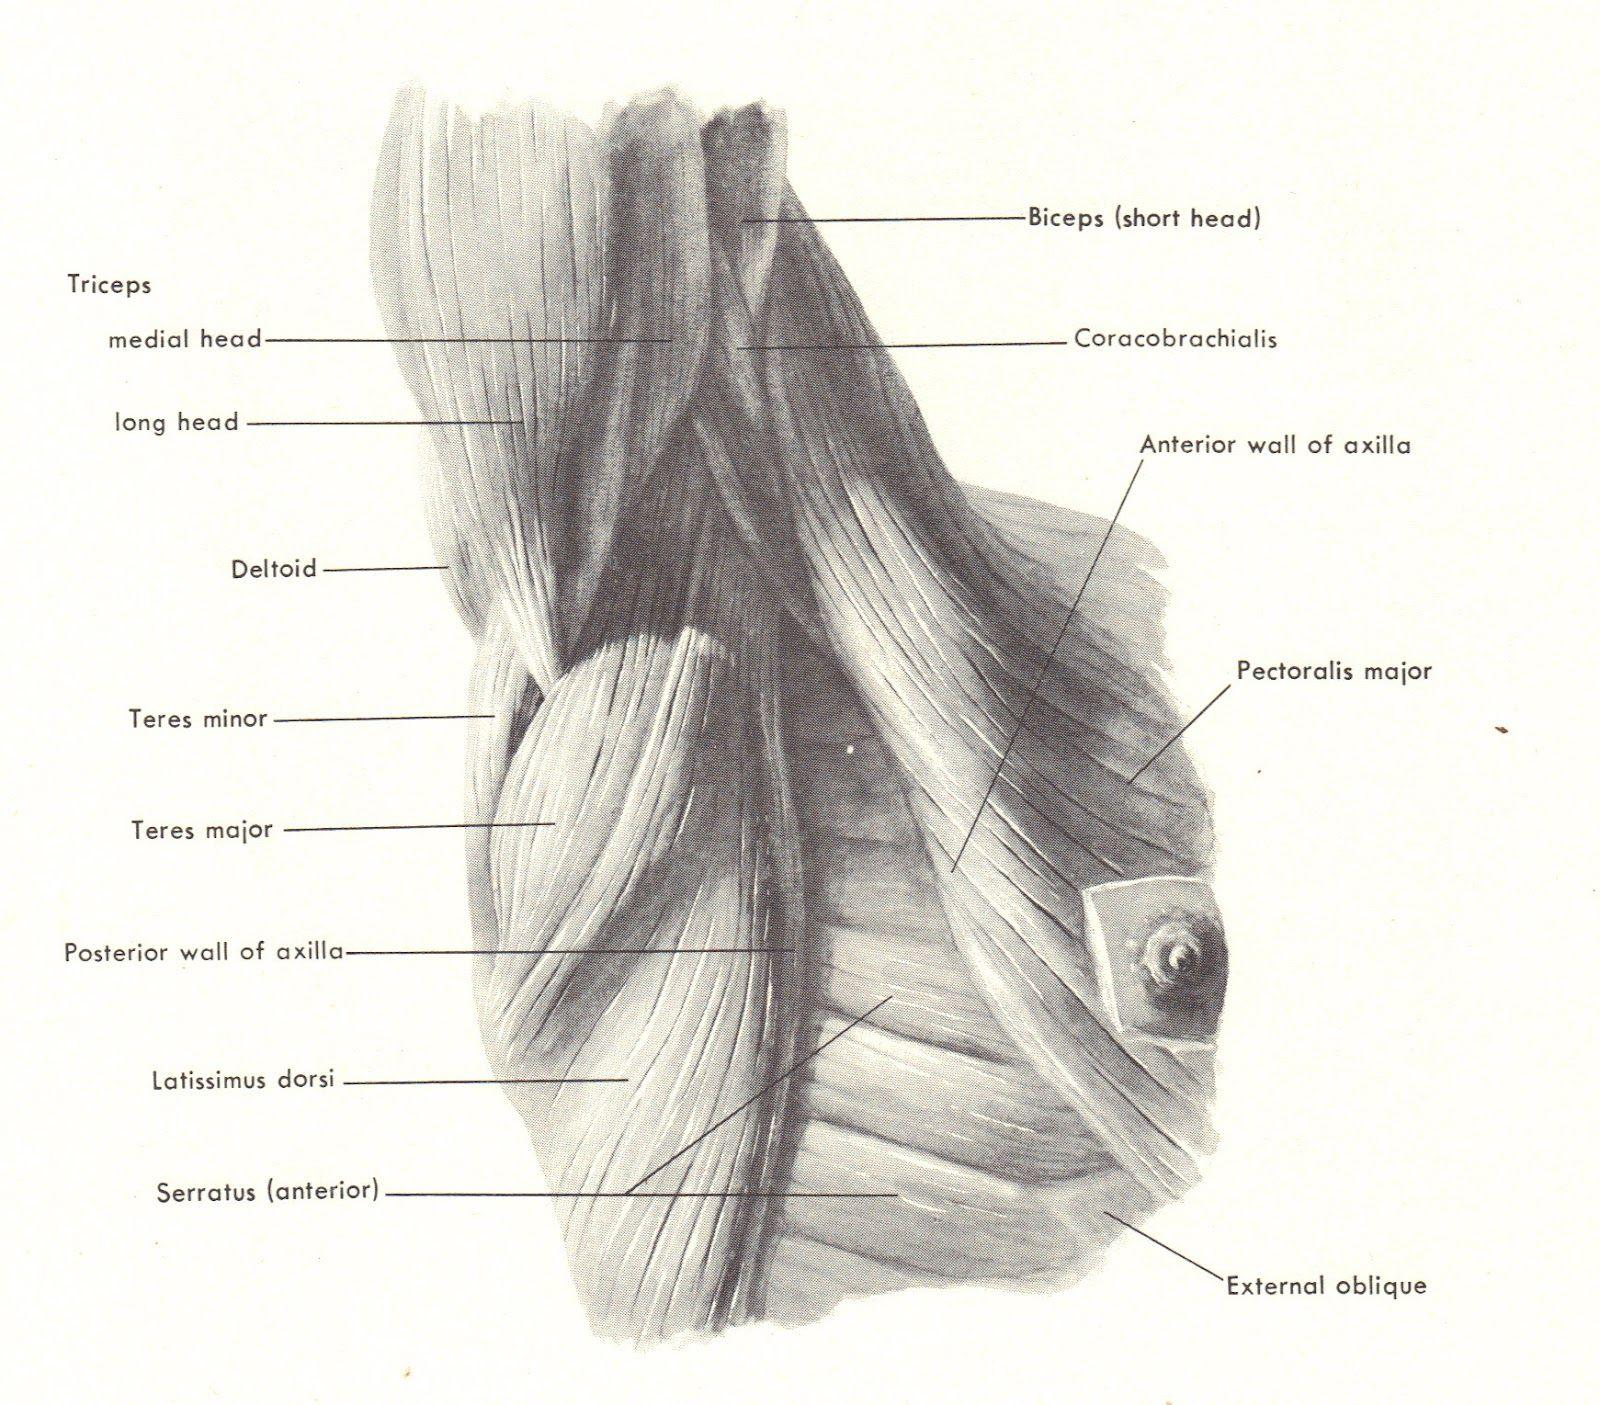 Vistoso Anatomía Axila Motivo - Anatomía de Las Imágenesdel Cuerpo ...